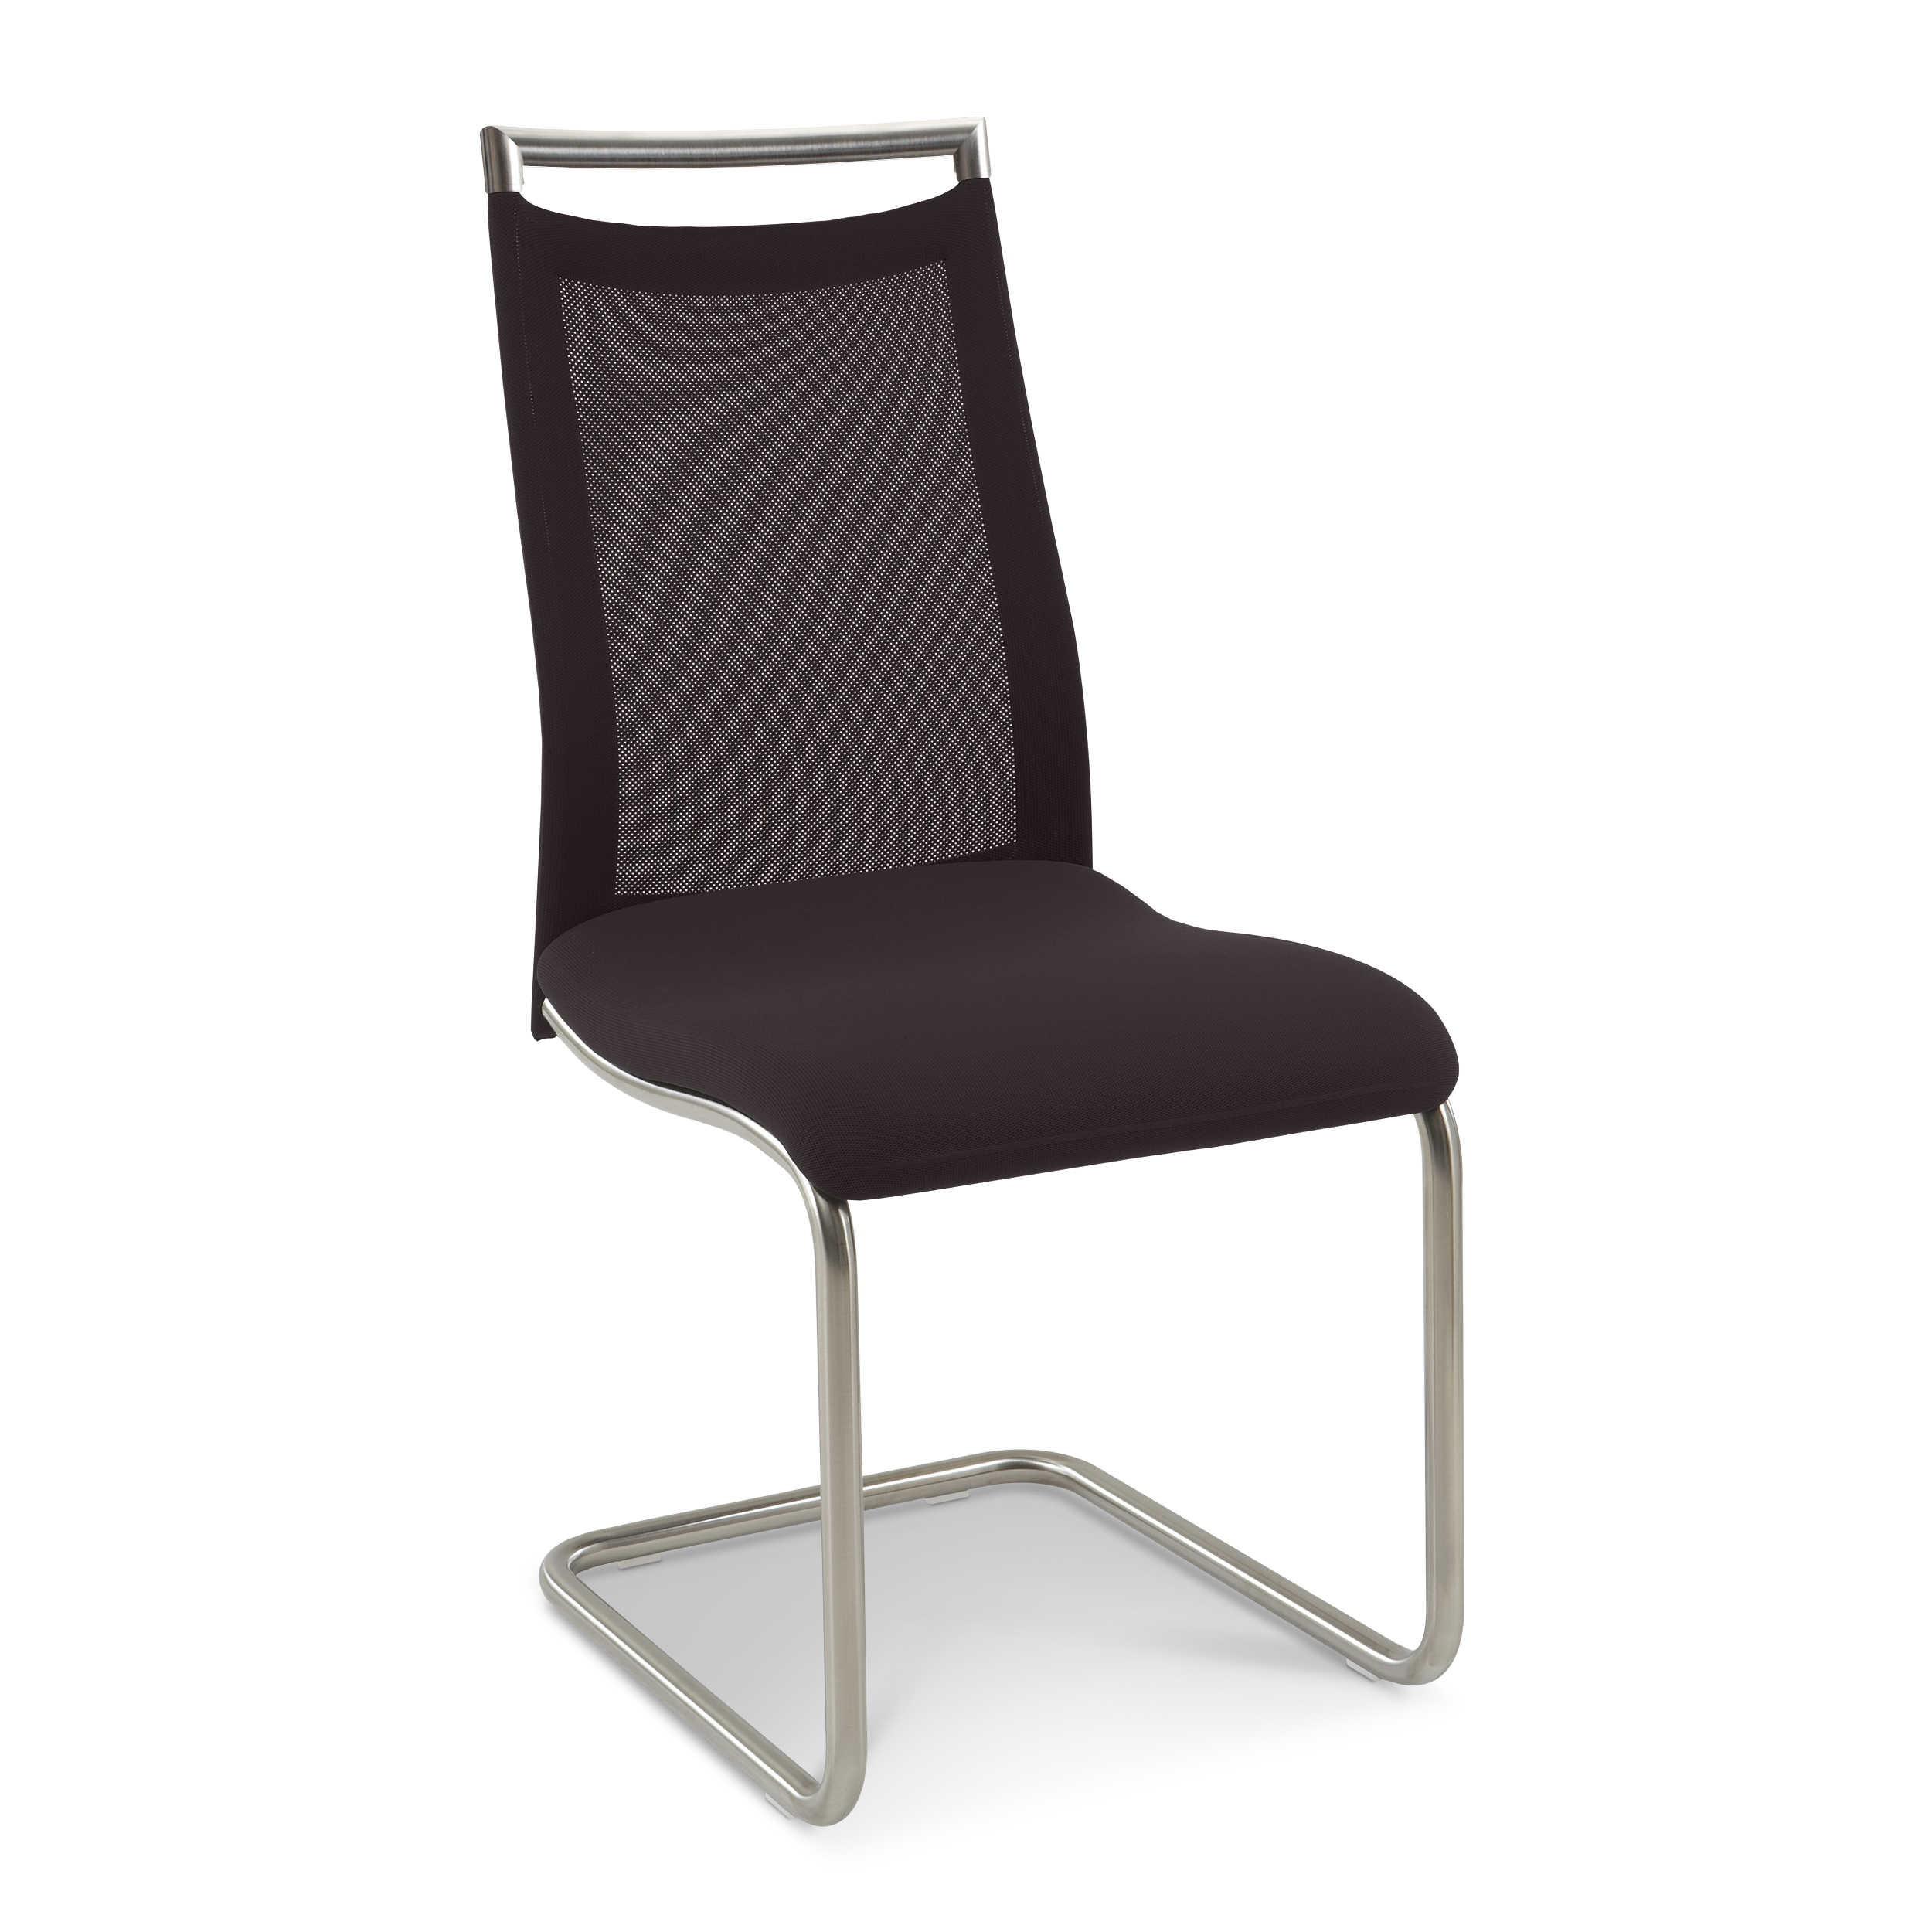 venjakob freischwinger joy braun stoff online kaufen bei. Black Bedroom Furniture Sets. Home Design Ideas